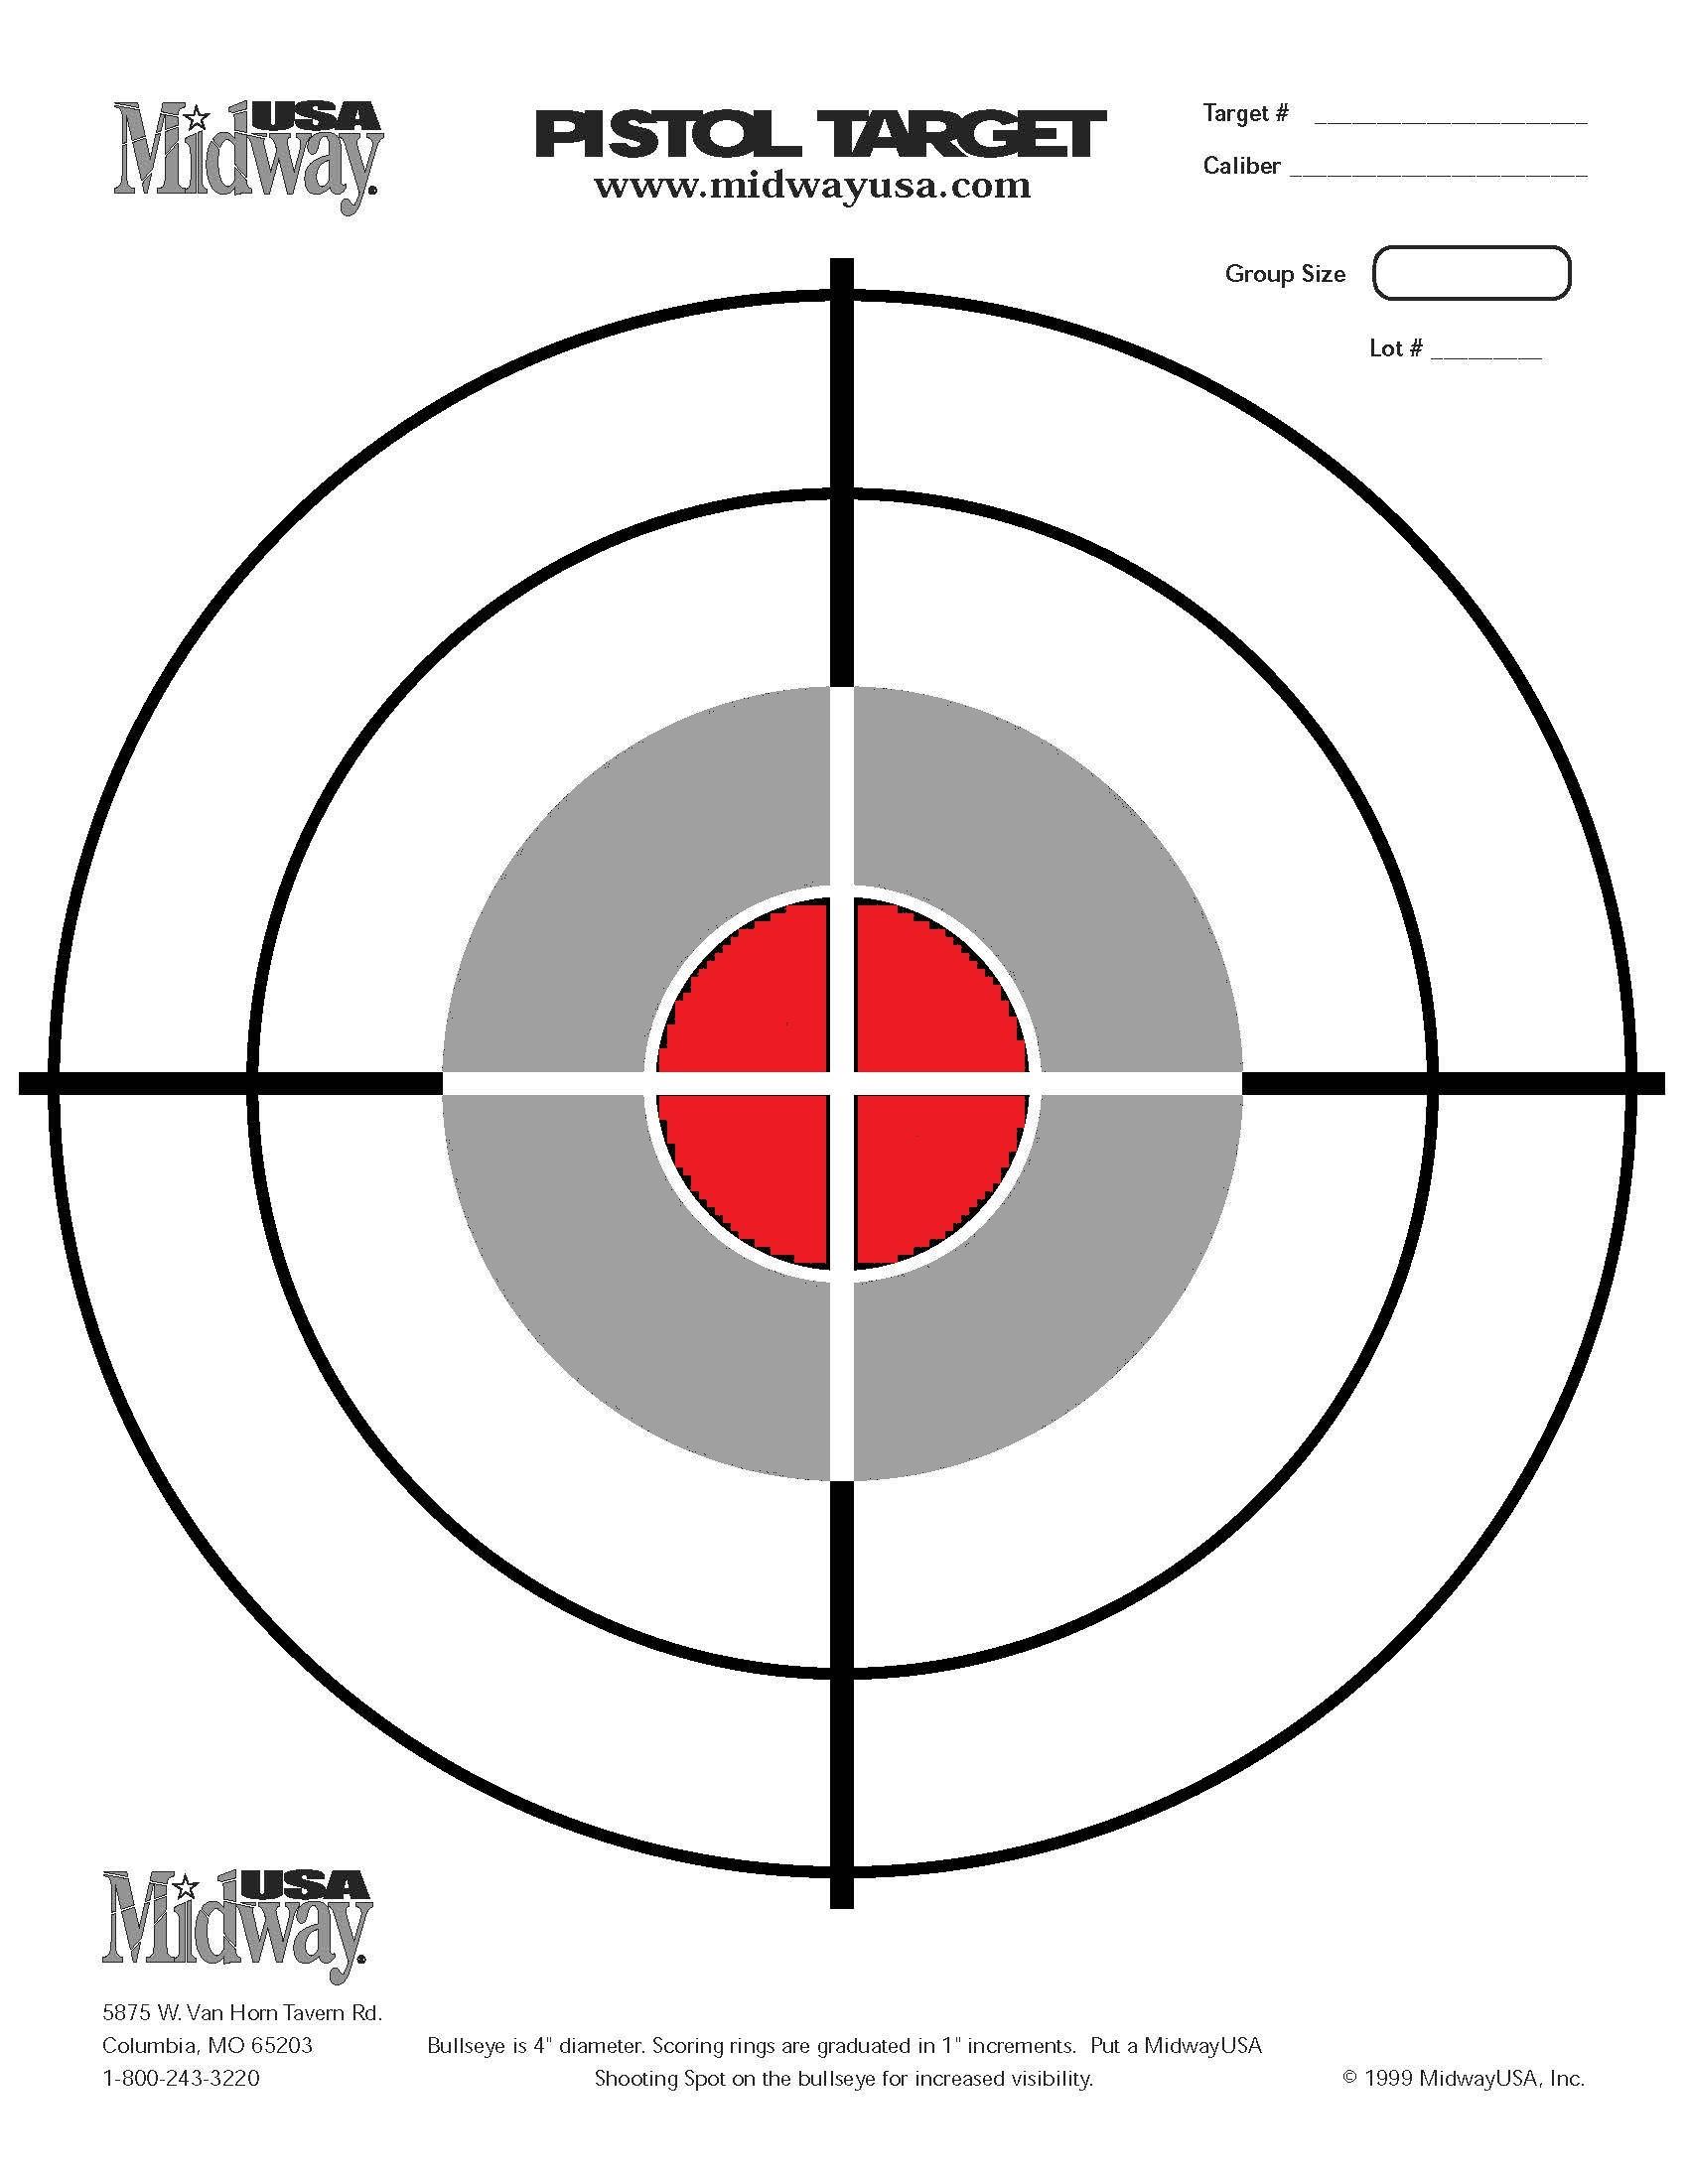 60 Fun Printable Targets | Kittybabylove - Free Printable Shooting Targets